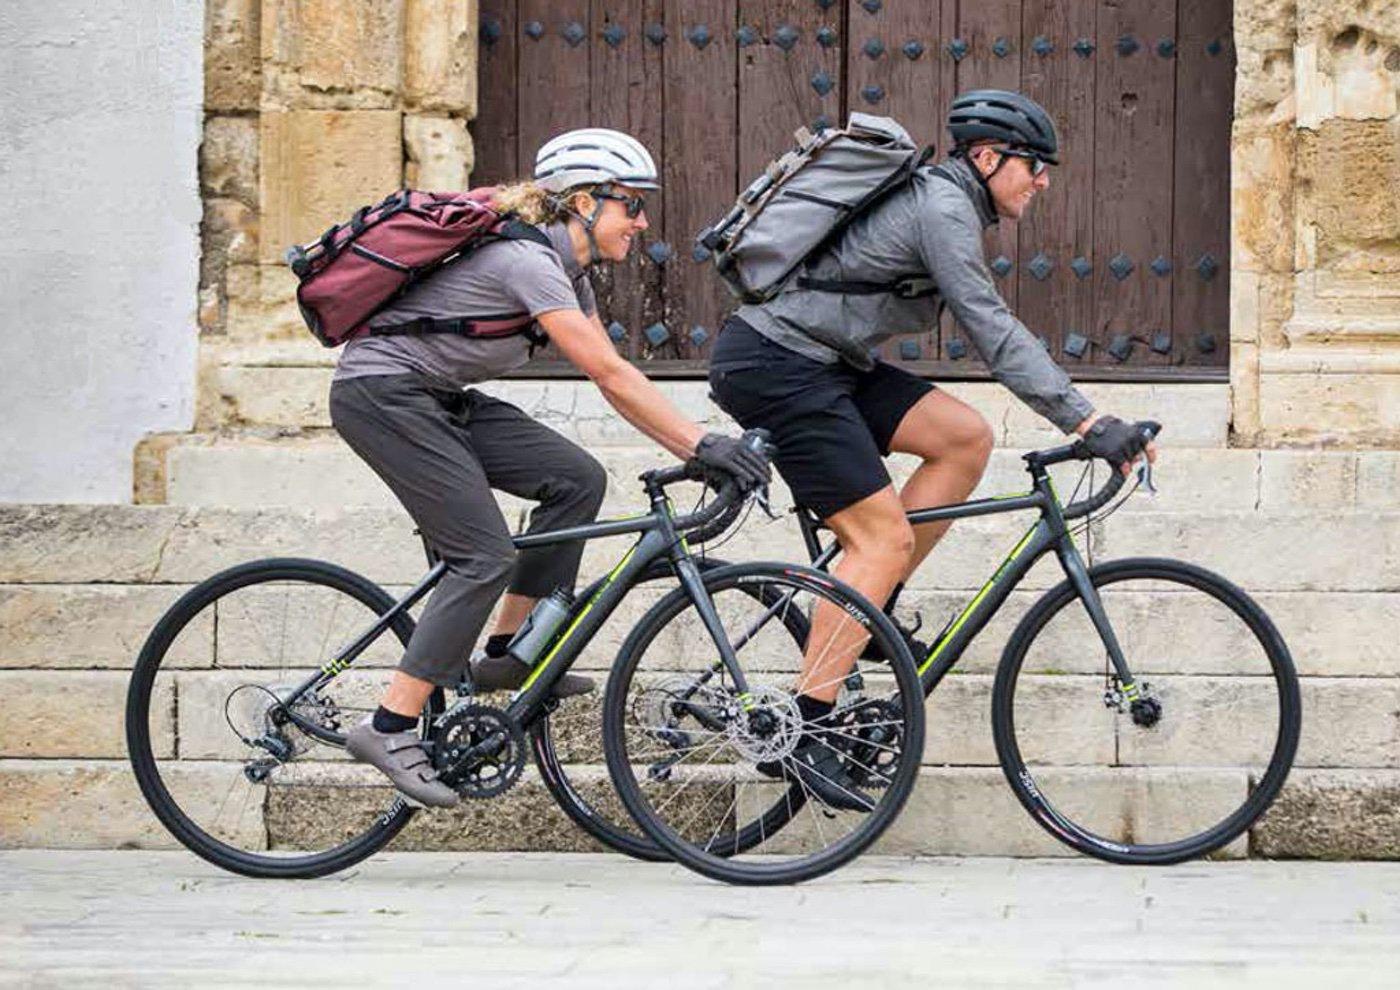 la línea Shimano Transit se inspira en los ciclistas que utilizan la bicicleta como una herramienta más de su dia a día, o realizan largas rutas de cicloturismo